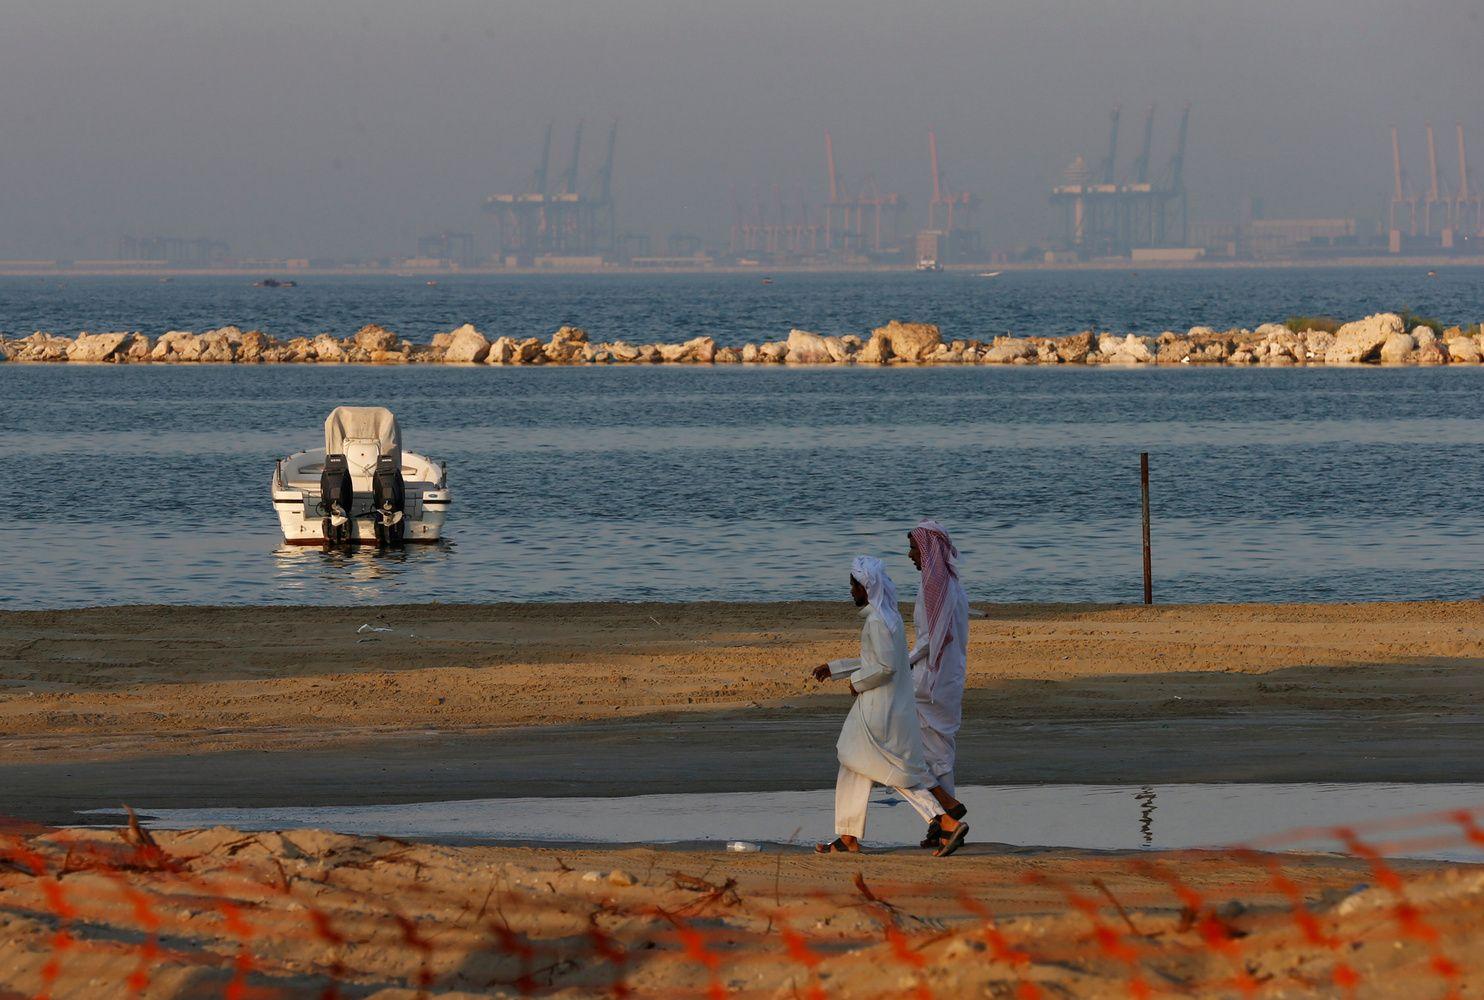 Saudo Arabija naftą nori keisti turizmu – stato milžinišką kurortą